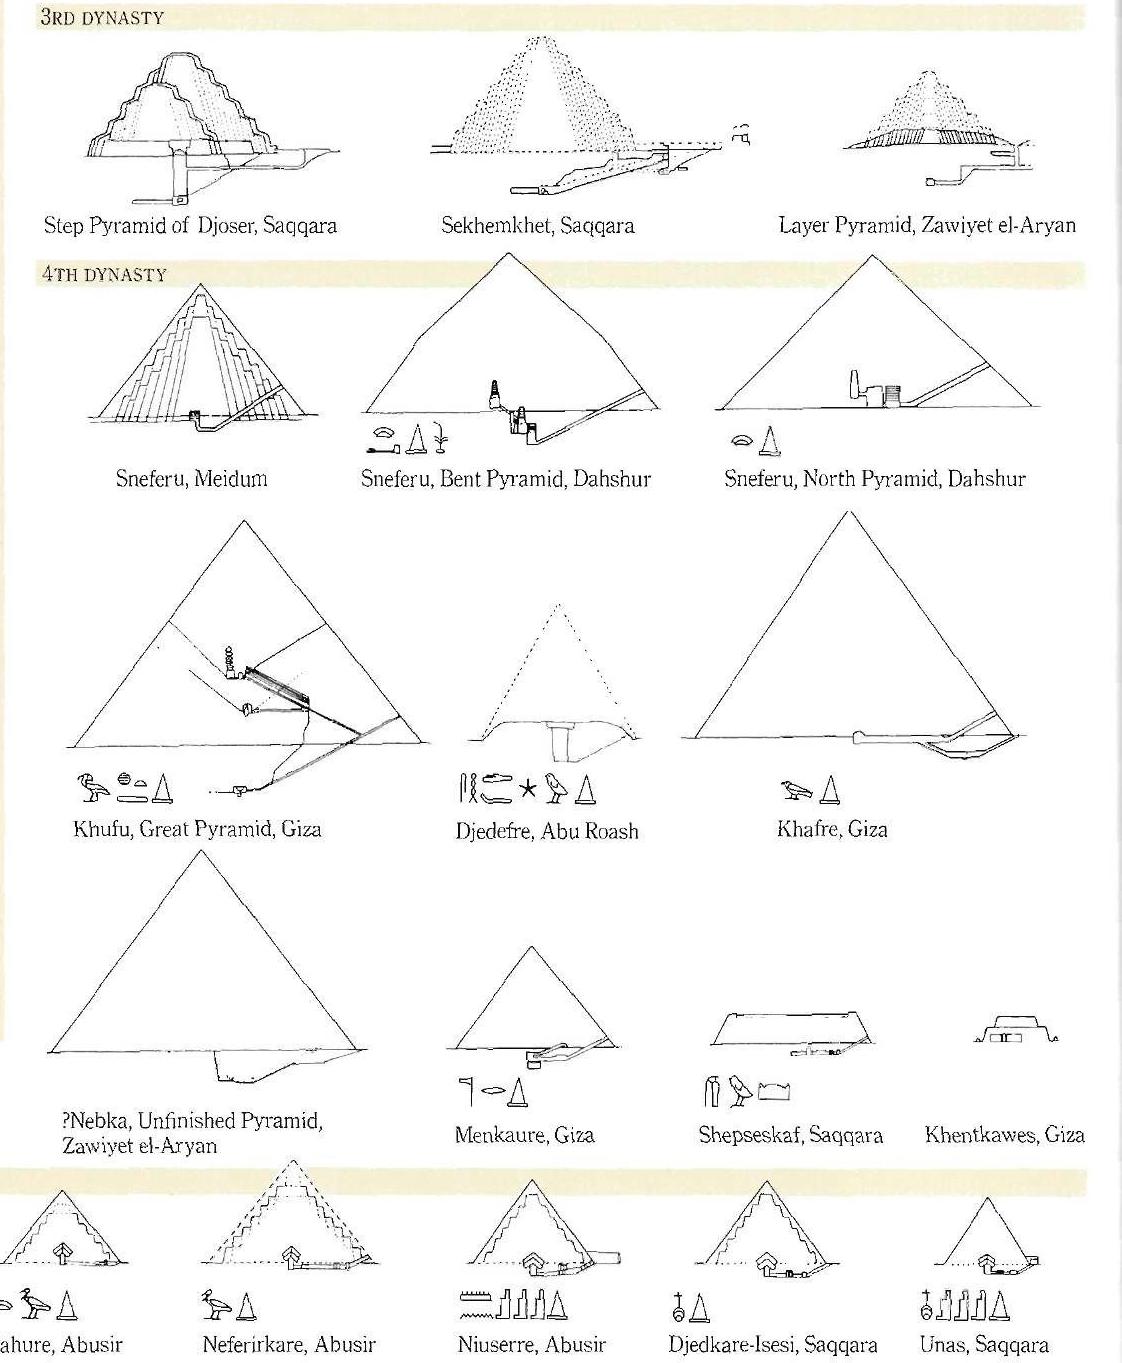 Схематичное изображение пирамид Египта, иллюстрирующее устройство их внутренних помещений.